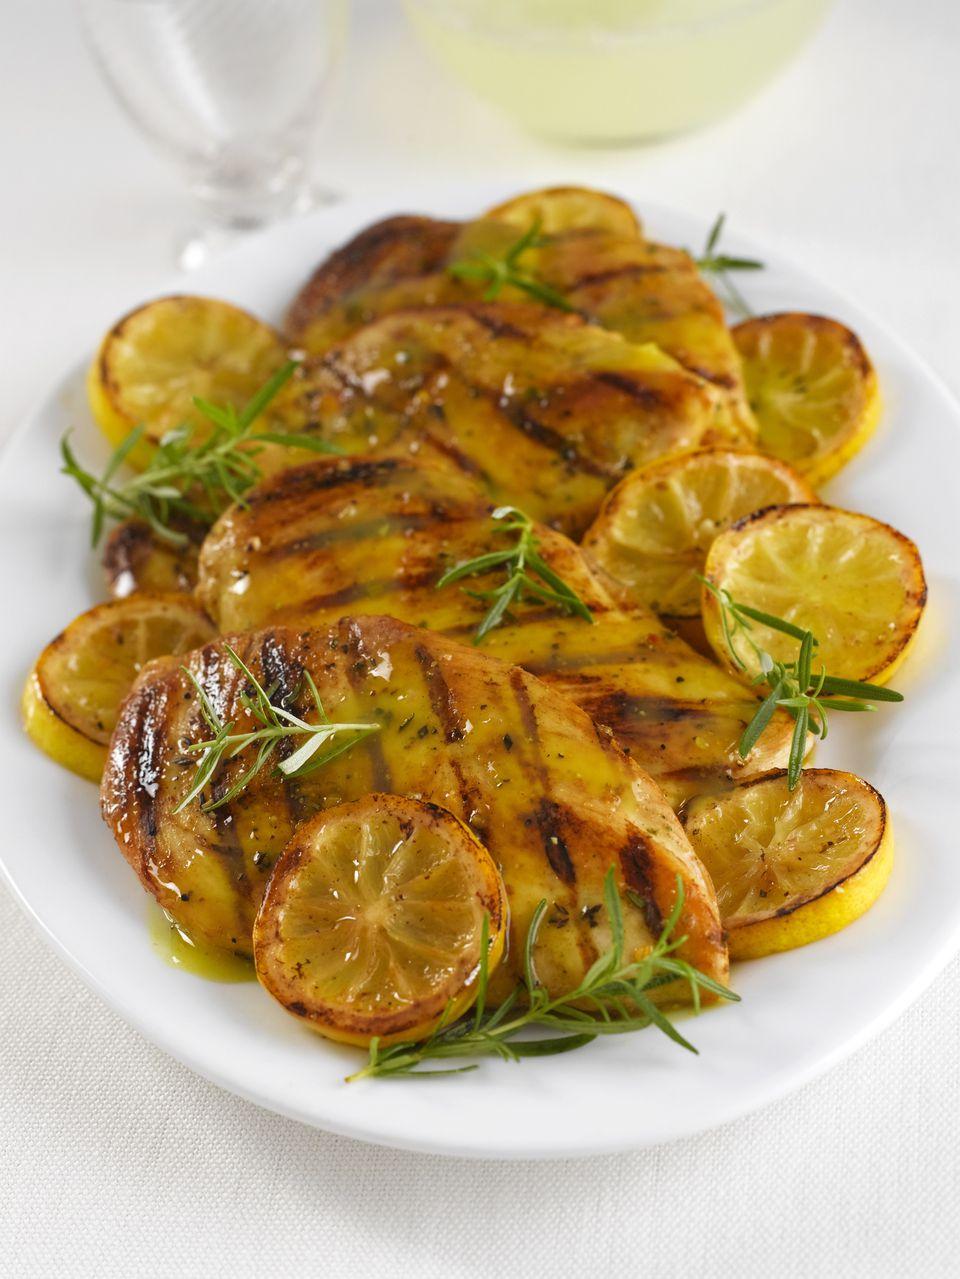 Chicken rosemary lemon butter sauce